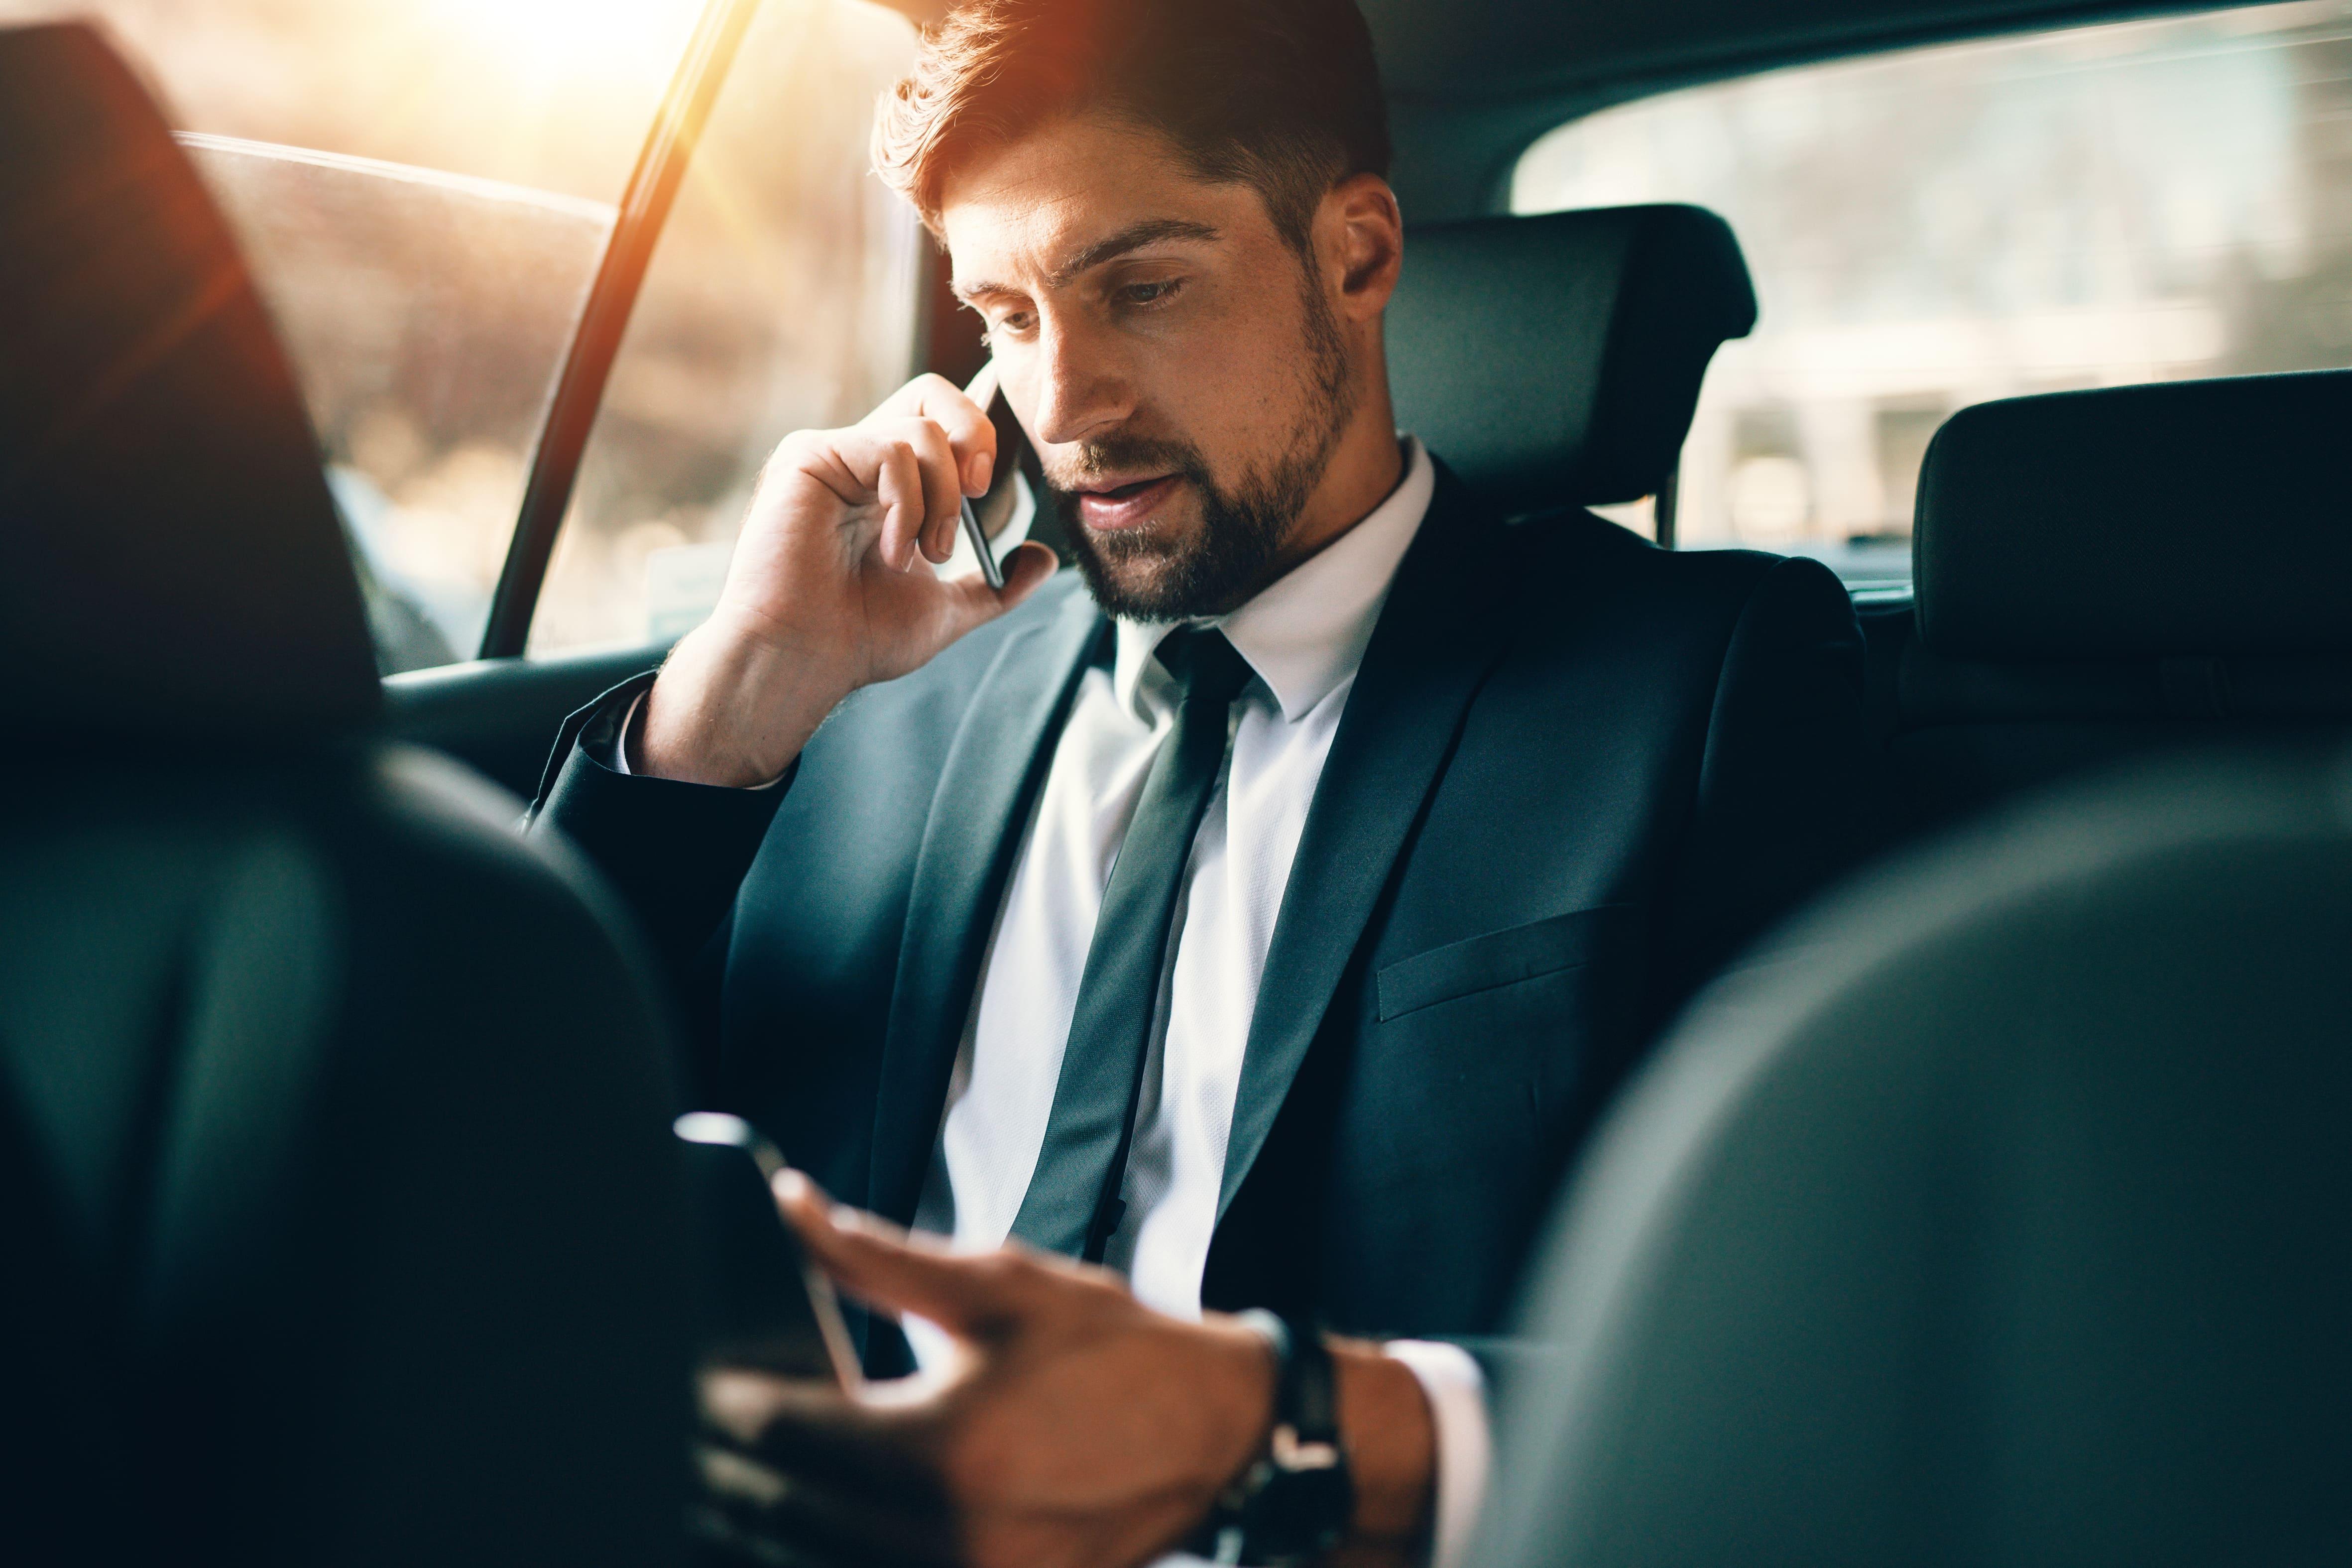 Imagem de um homem em um carro executivo para remeter quem deseja montar um serviço de transporte executivo